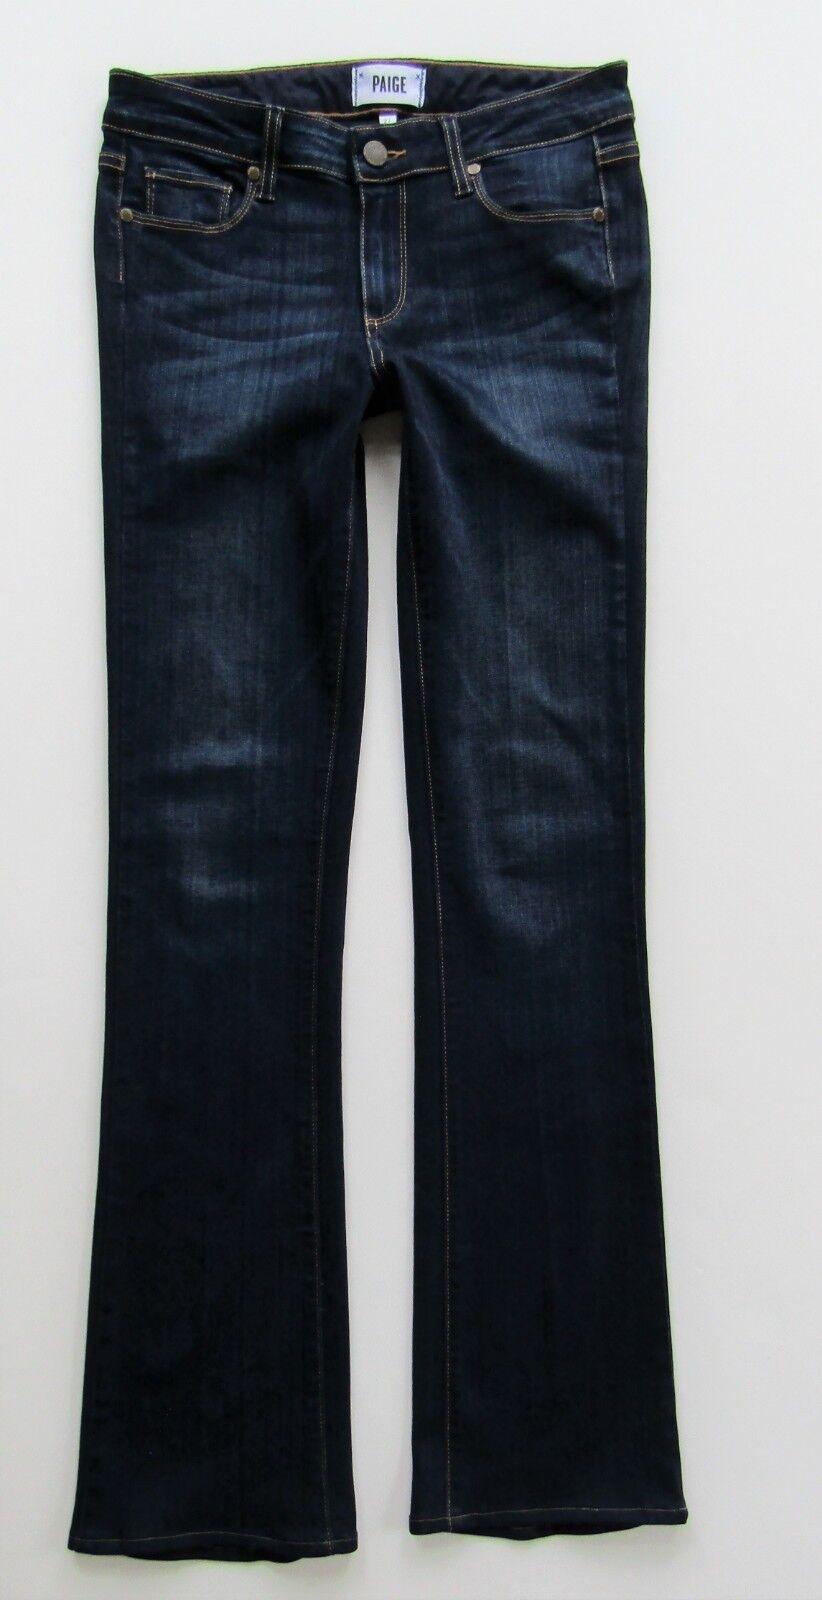 Paige Manhattan Slim Stiefel Cut Transcend Jean à Armstrong, foncé-Größe 27 X 31.5